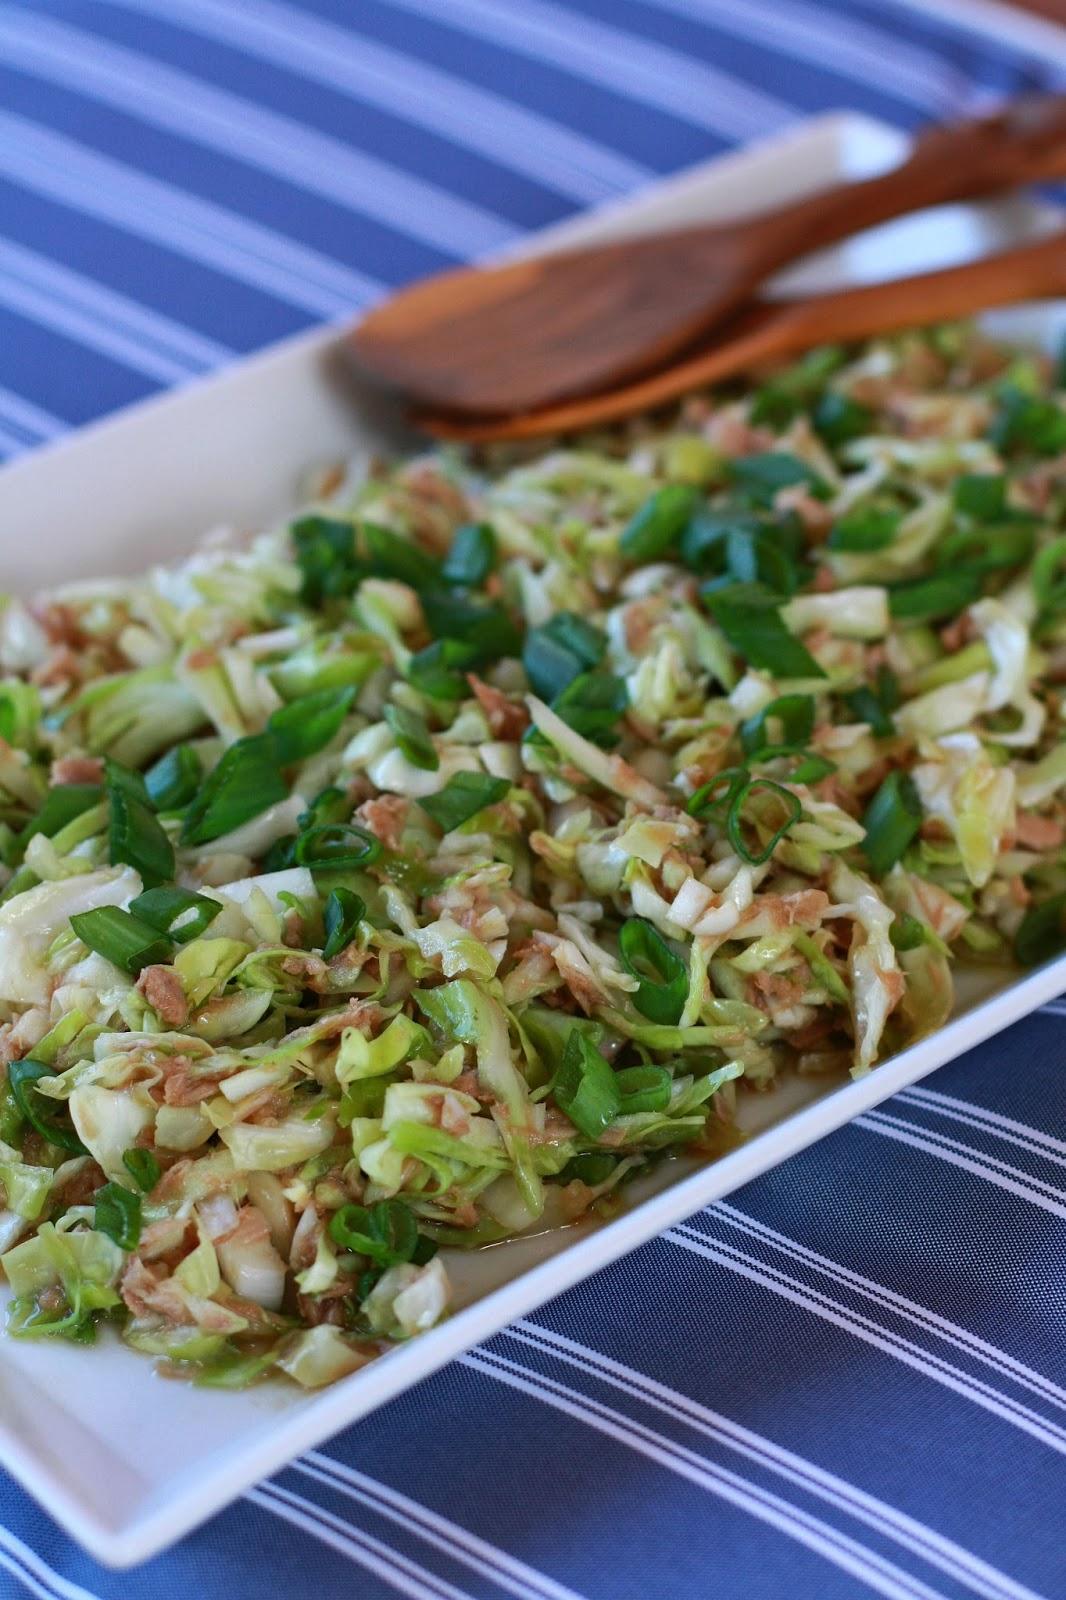 japanilainen kaali-tonnikalasalaatti japani kaali varhaiskaali tonnikala salaatti resepti mallaspulla